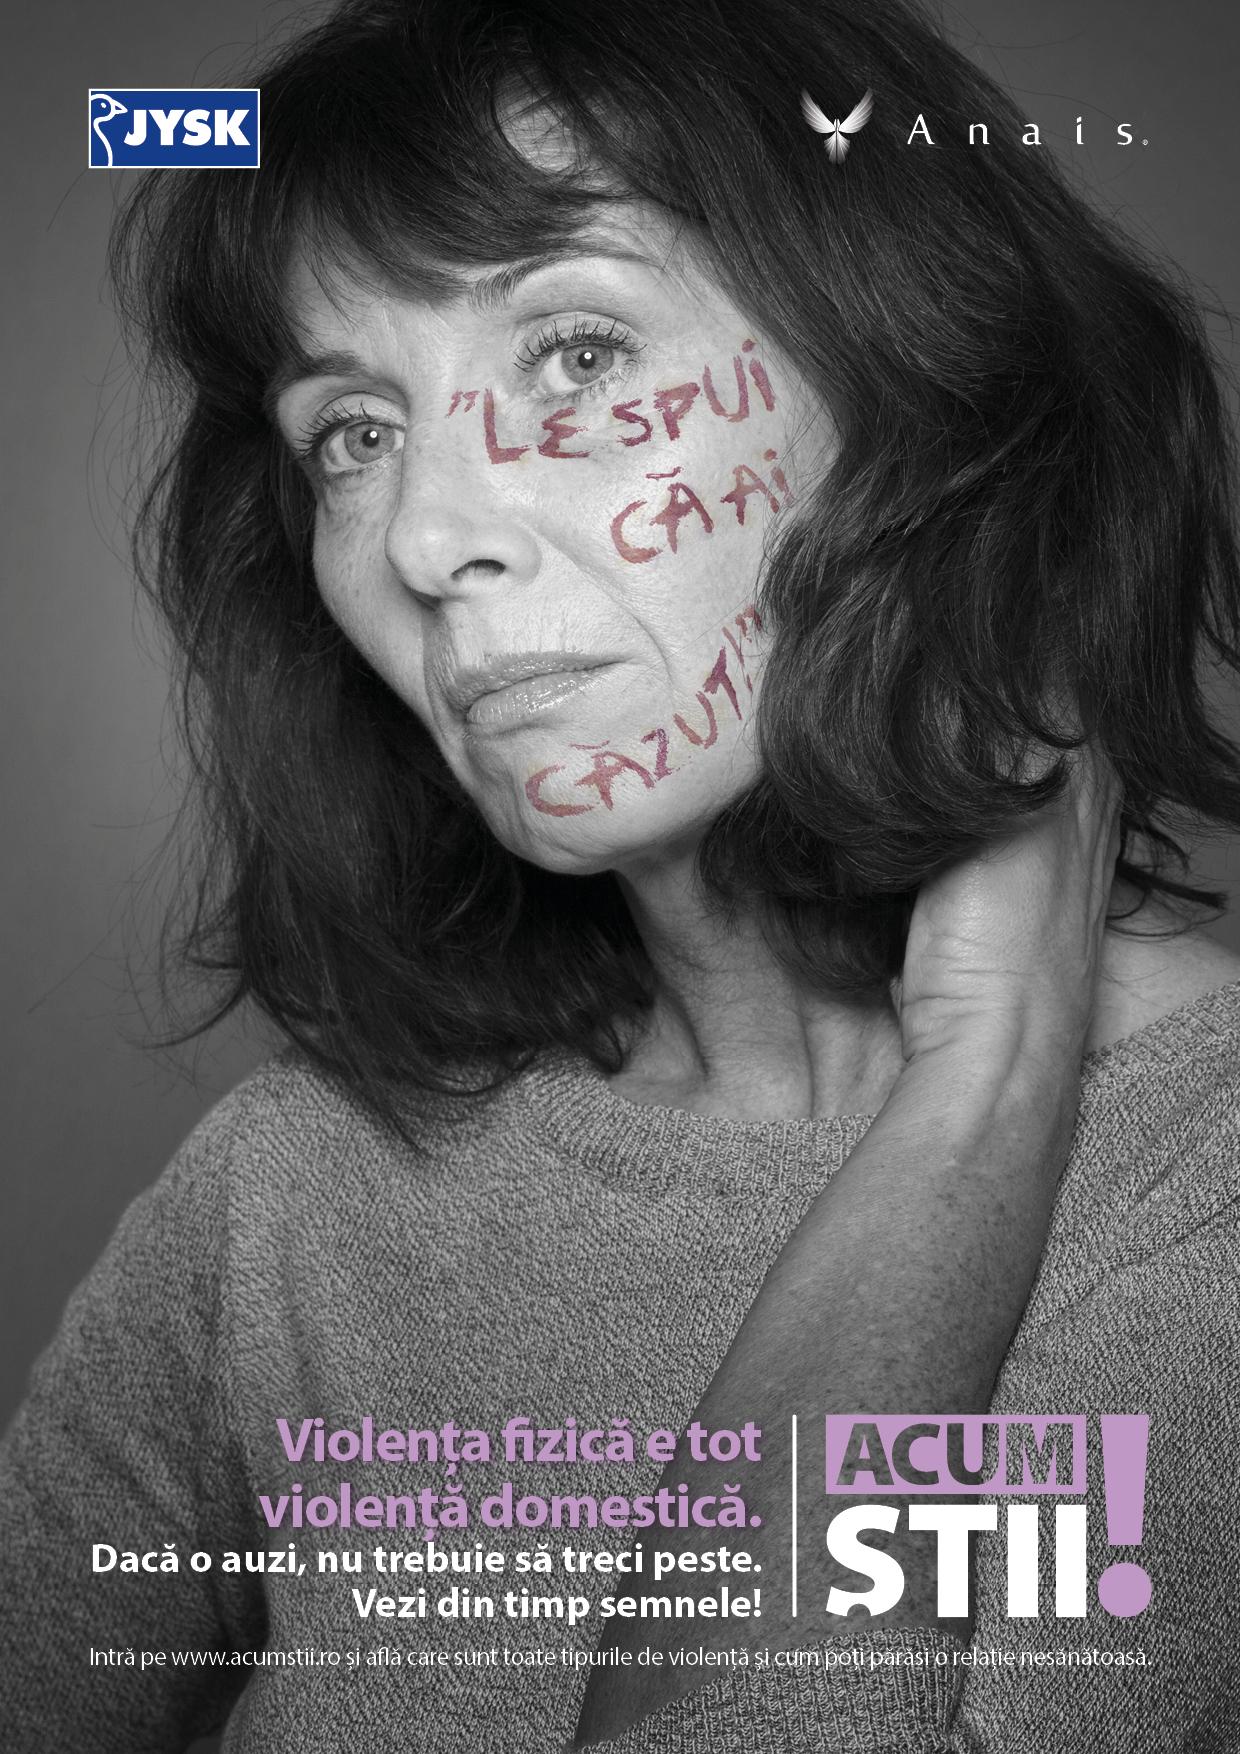 Asociația Anais și JYSK lansează campania de informare cu privire la violența domestică Acum știi